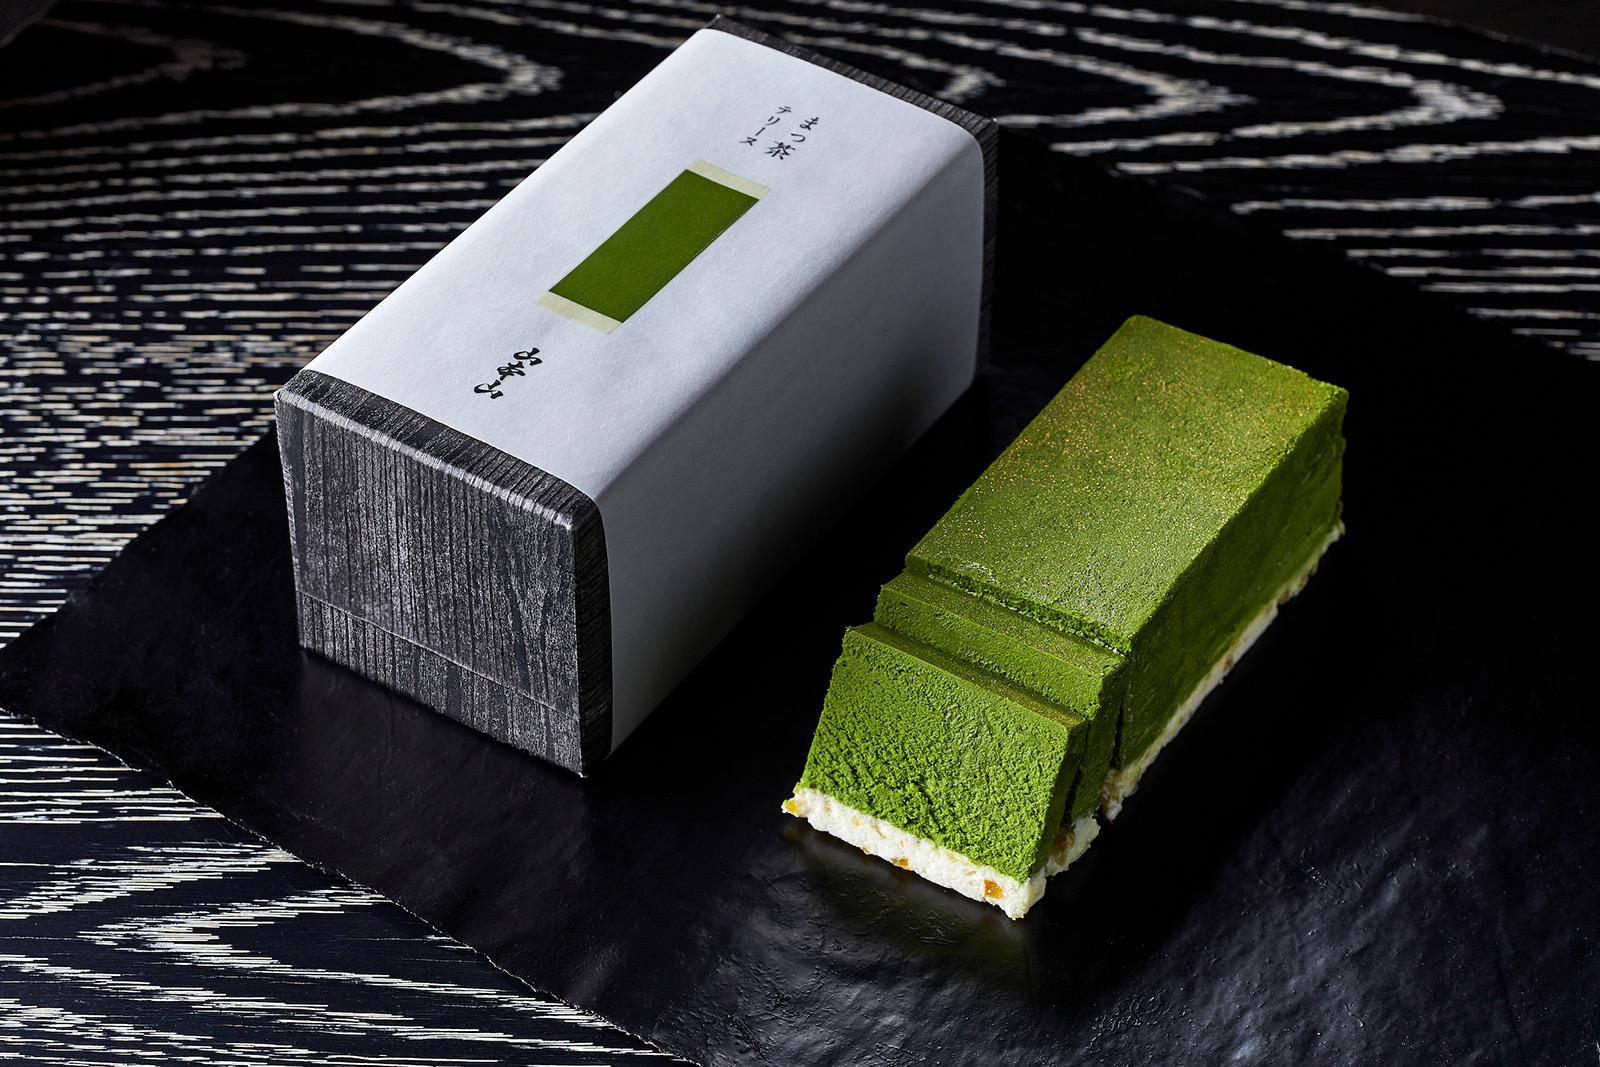 山本山から宇治抹茶の旨みを存分に引き出した贅沢スイーツ「まっ茶テリーヌ」が発売